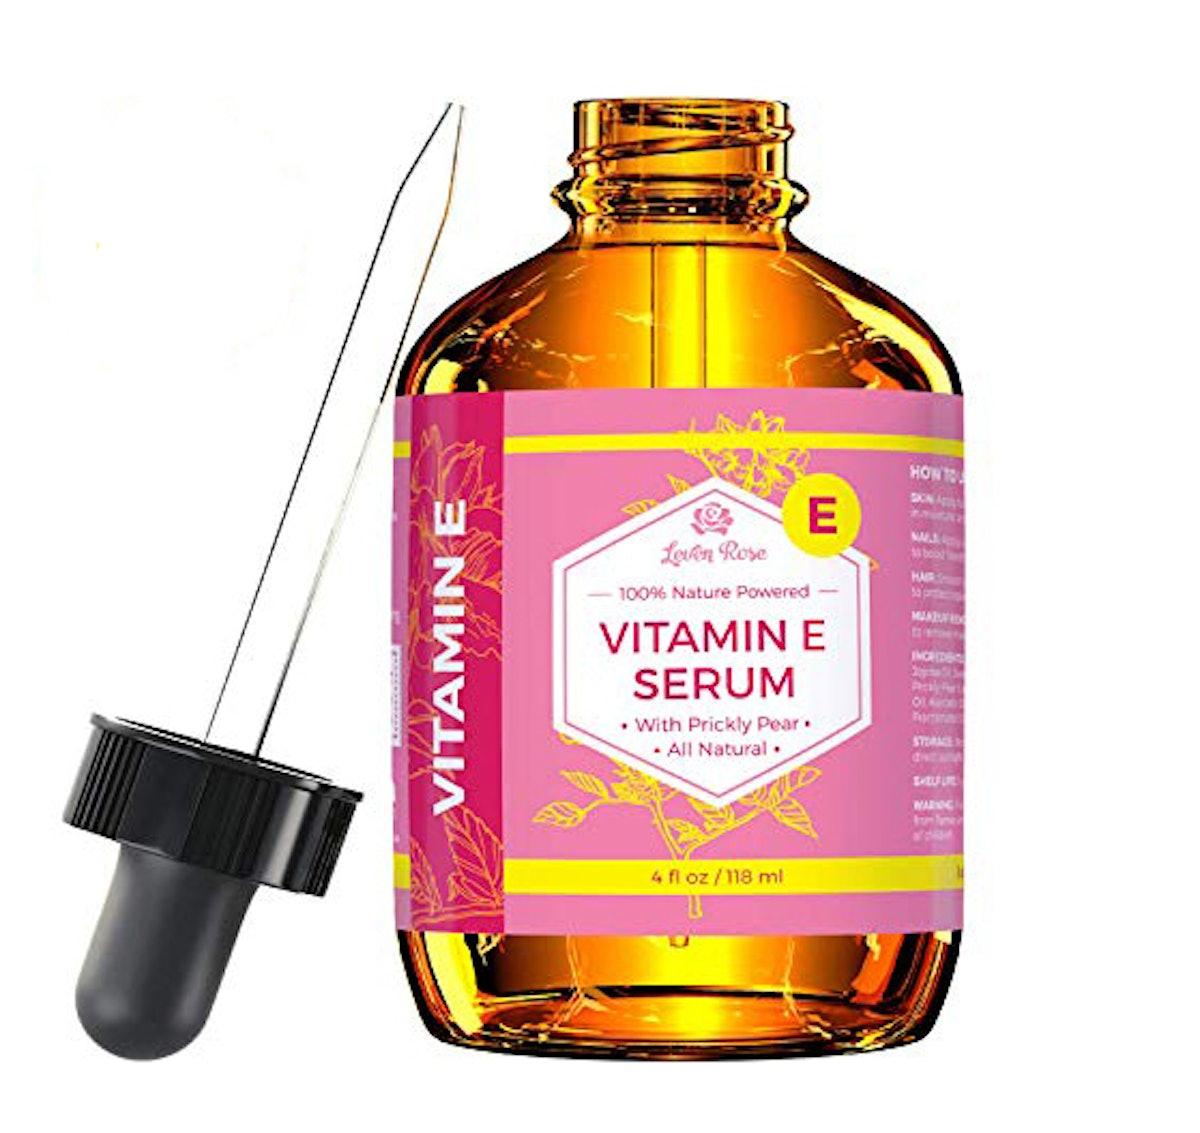 Leven Rose Vitamin E Serum